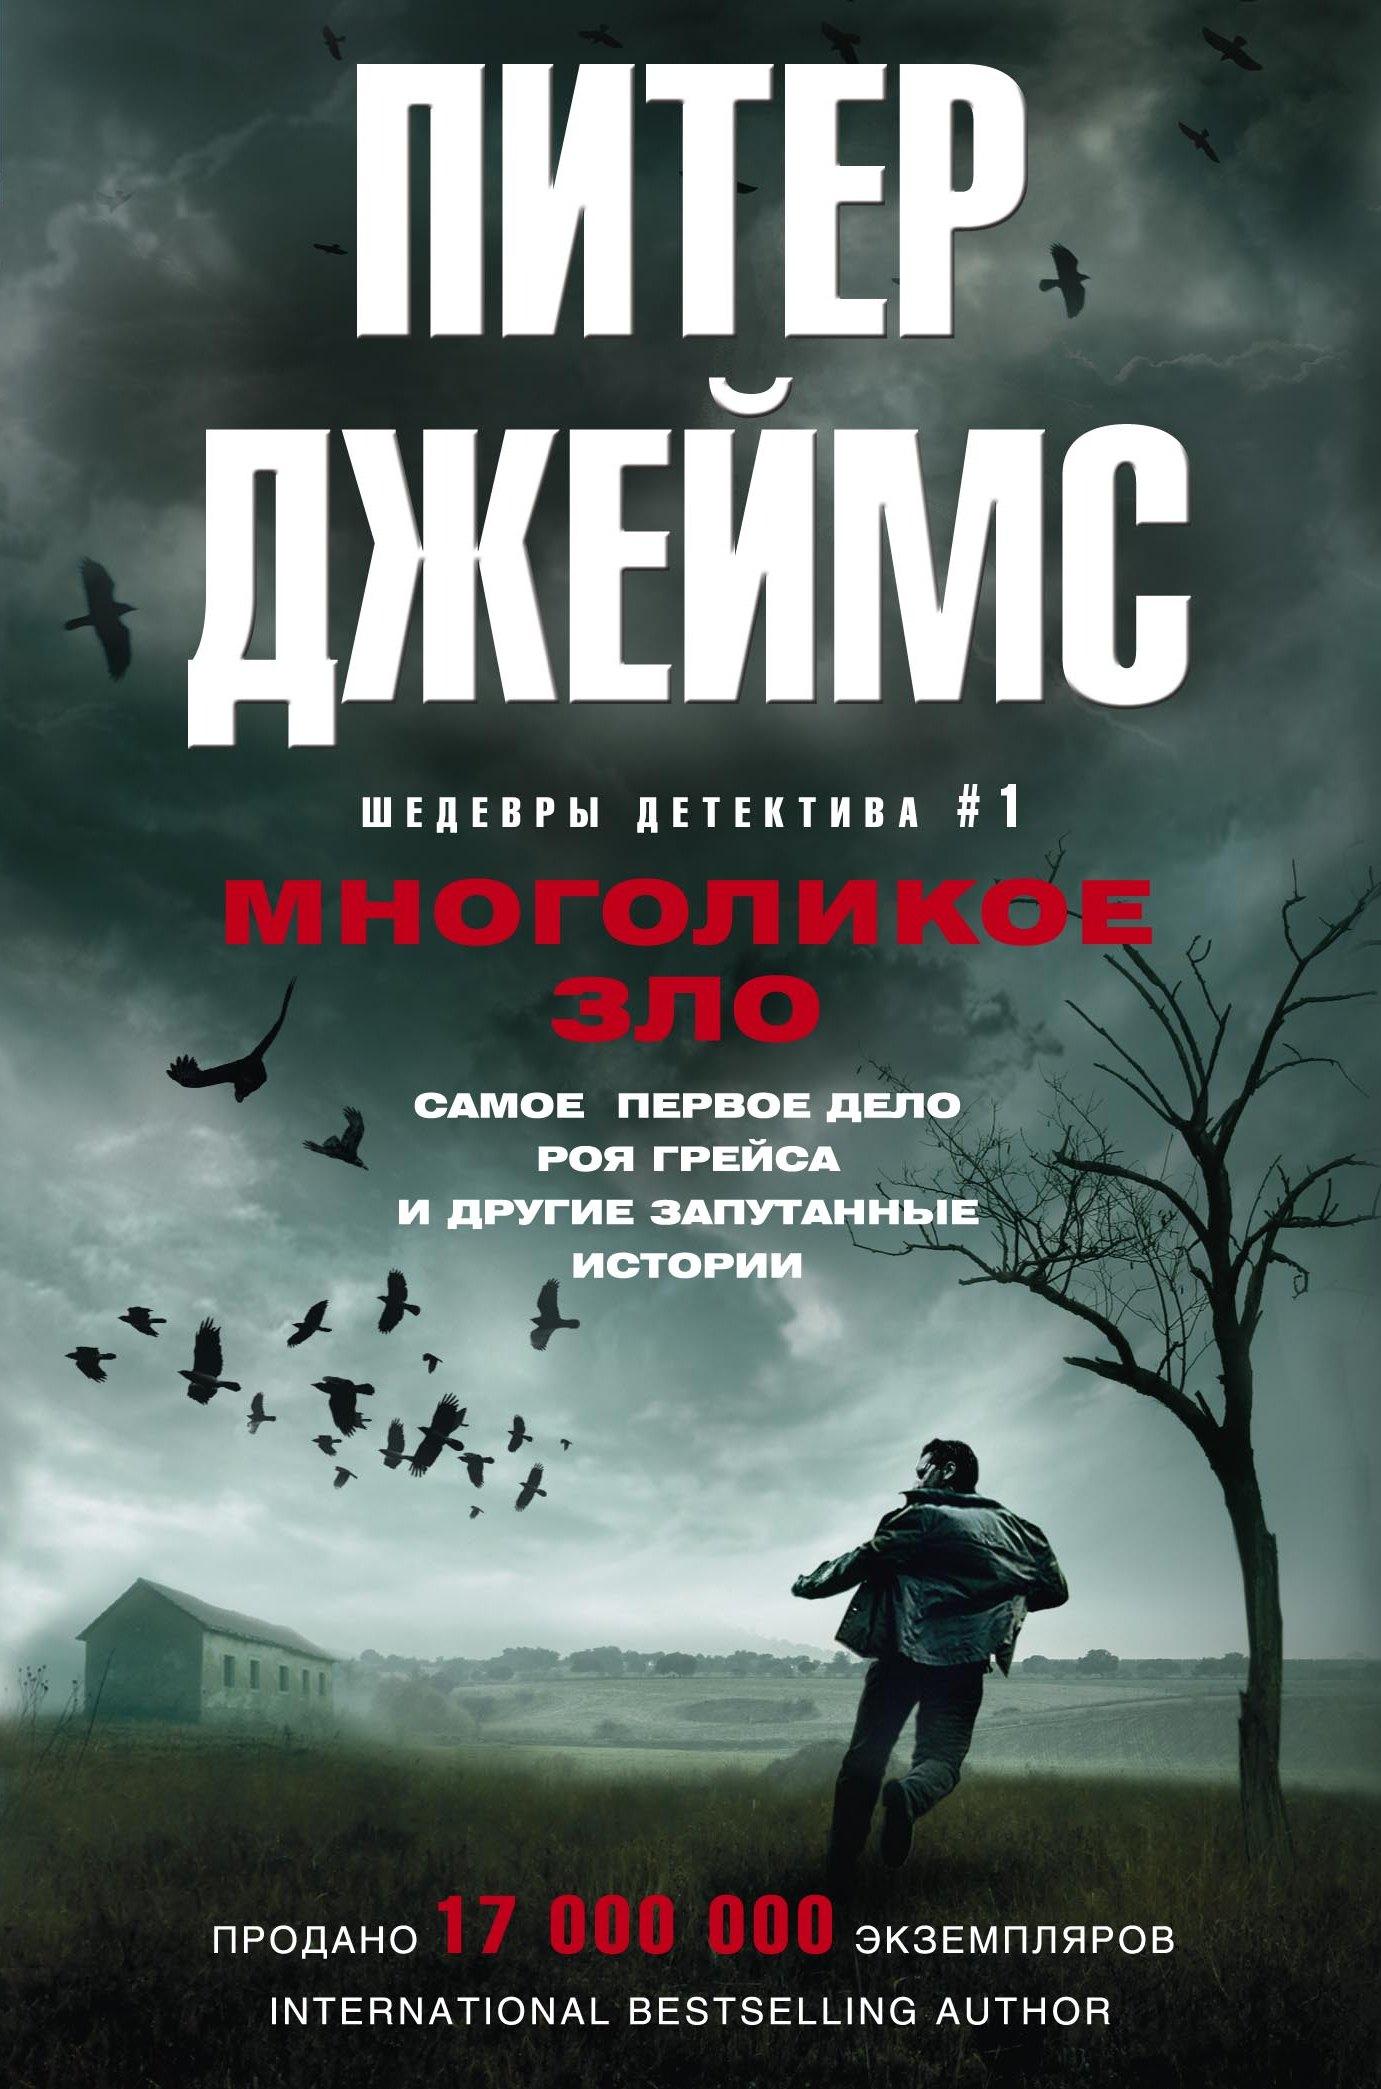 Питер Джеймс Многоликое зло джеймс п многоликое зло